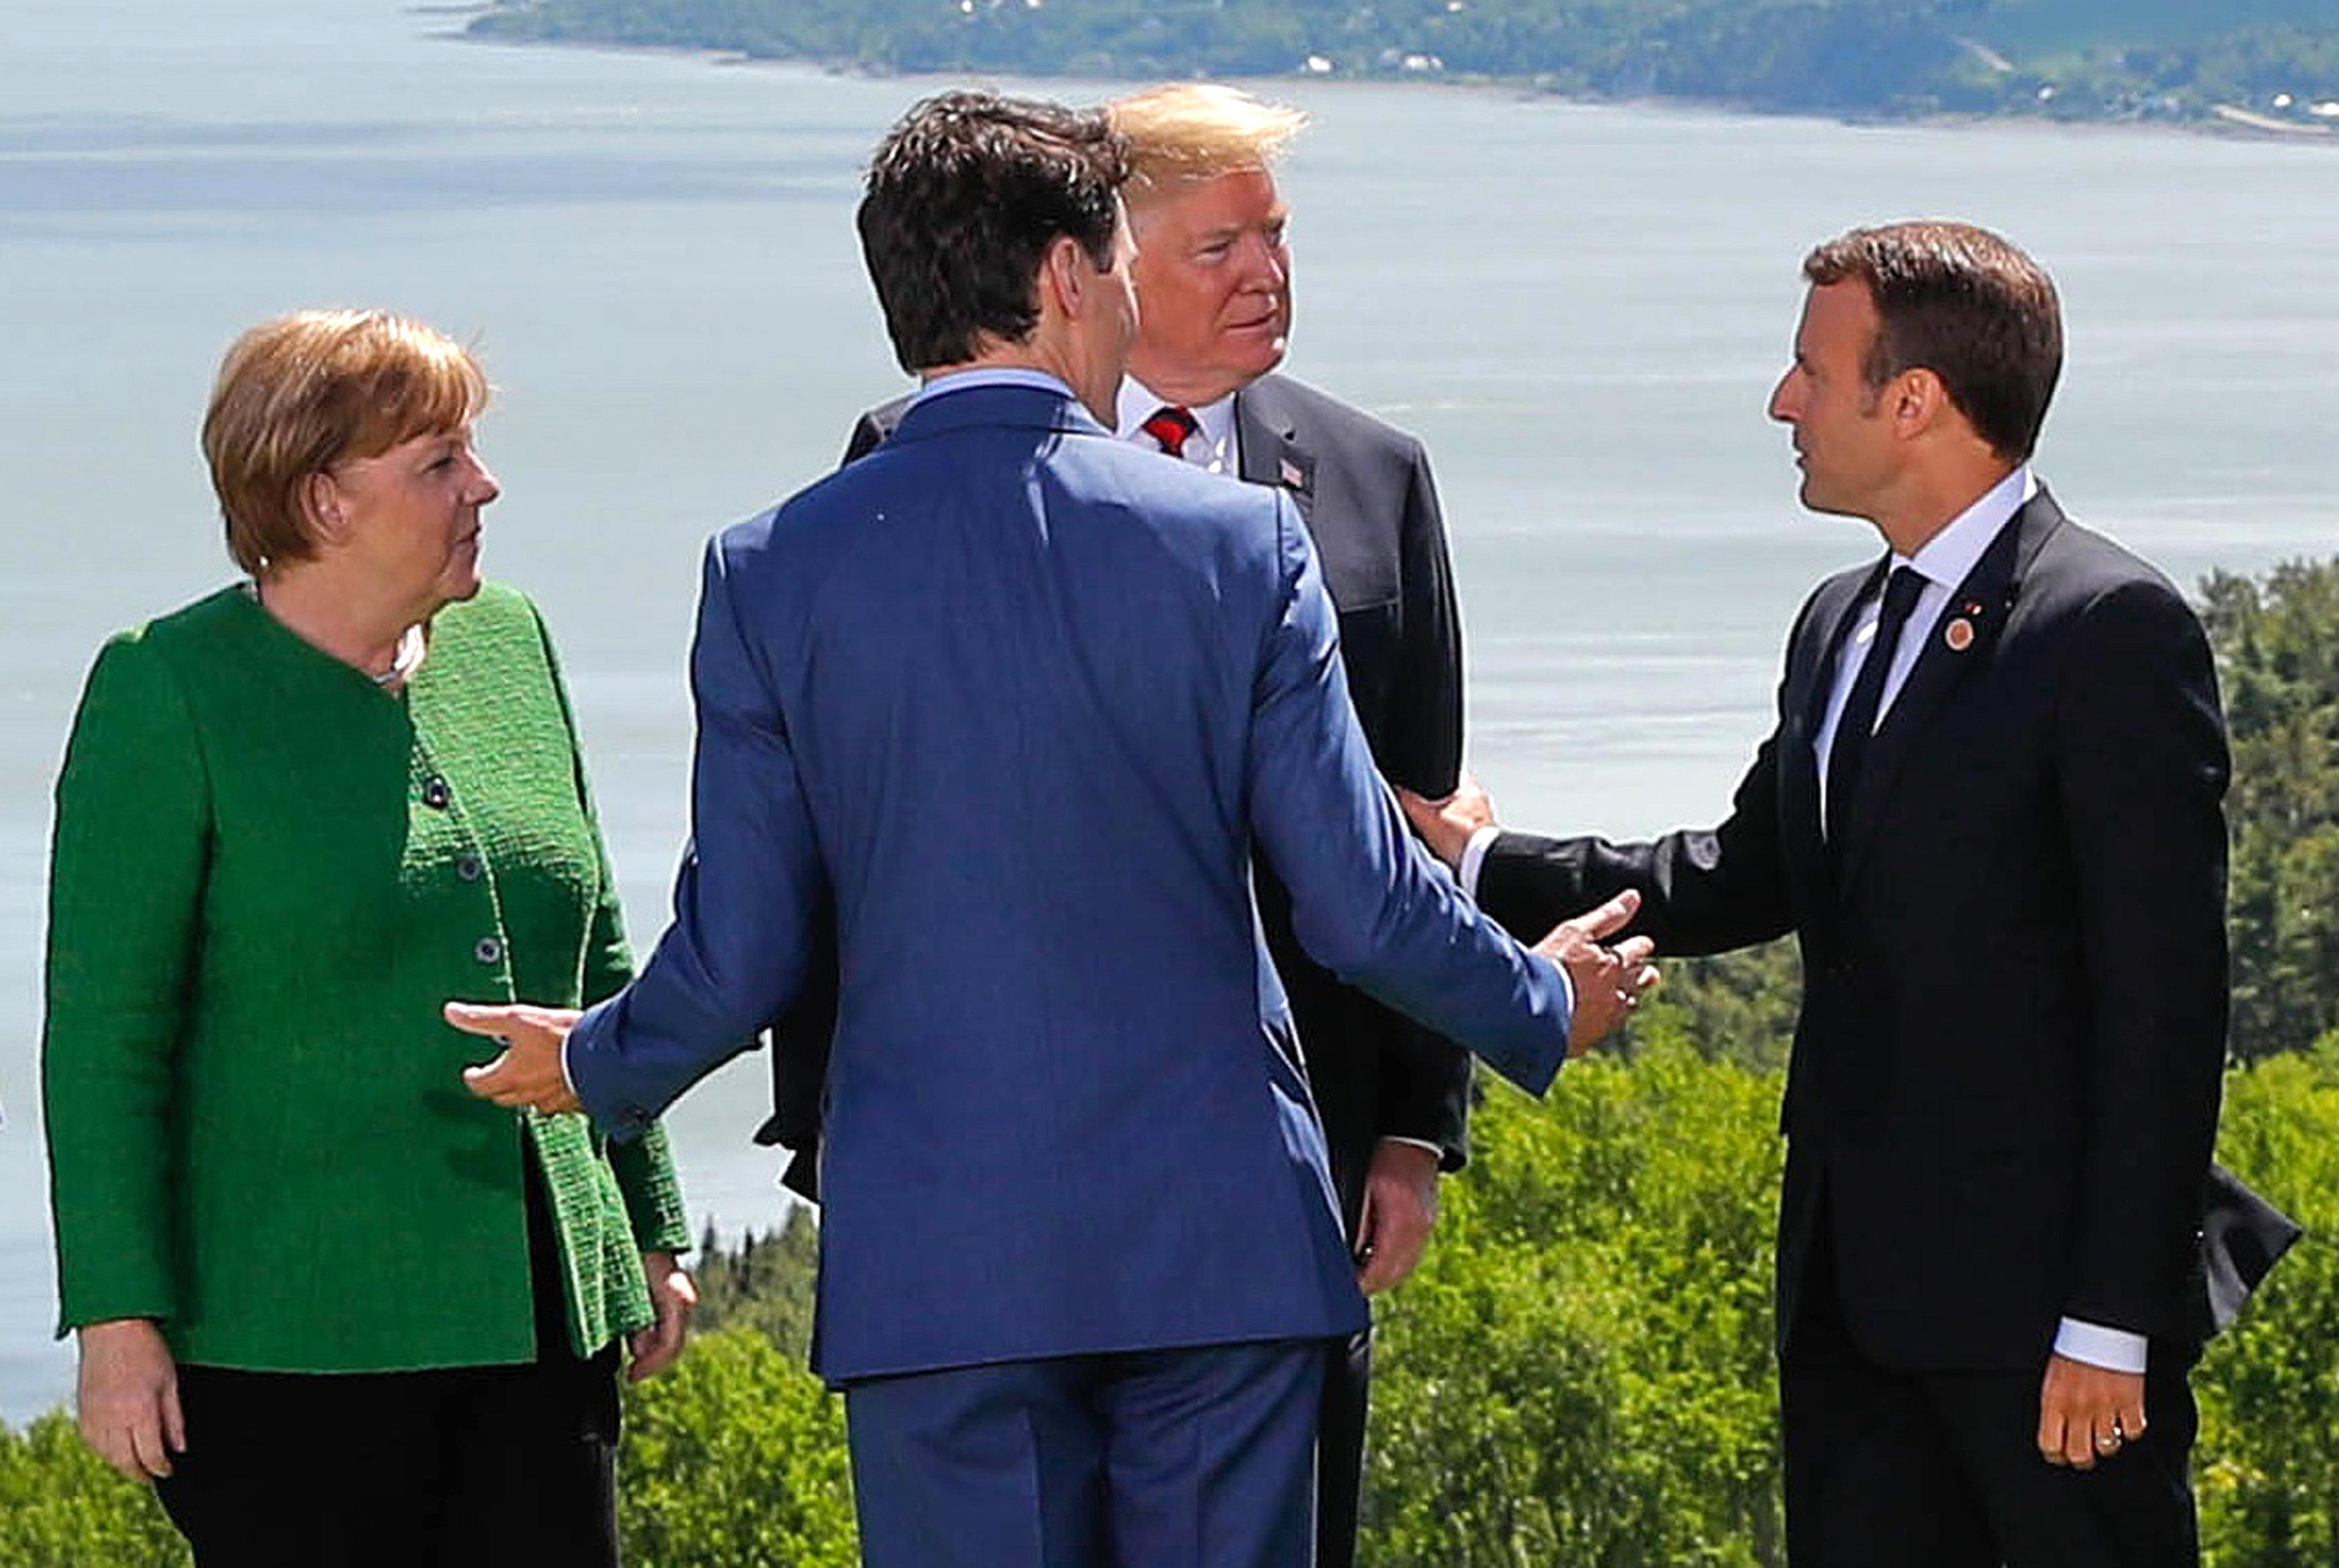 트럼프가 G7 정상회담 공동선언을 비난하며 '뒤통수'를